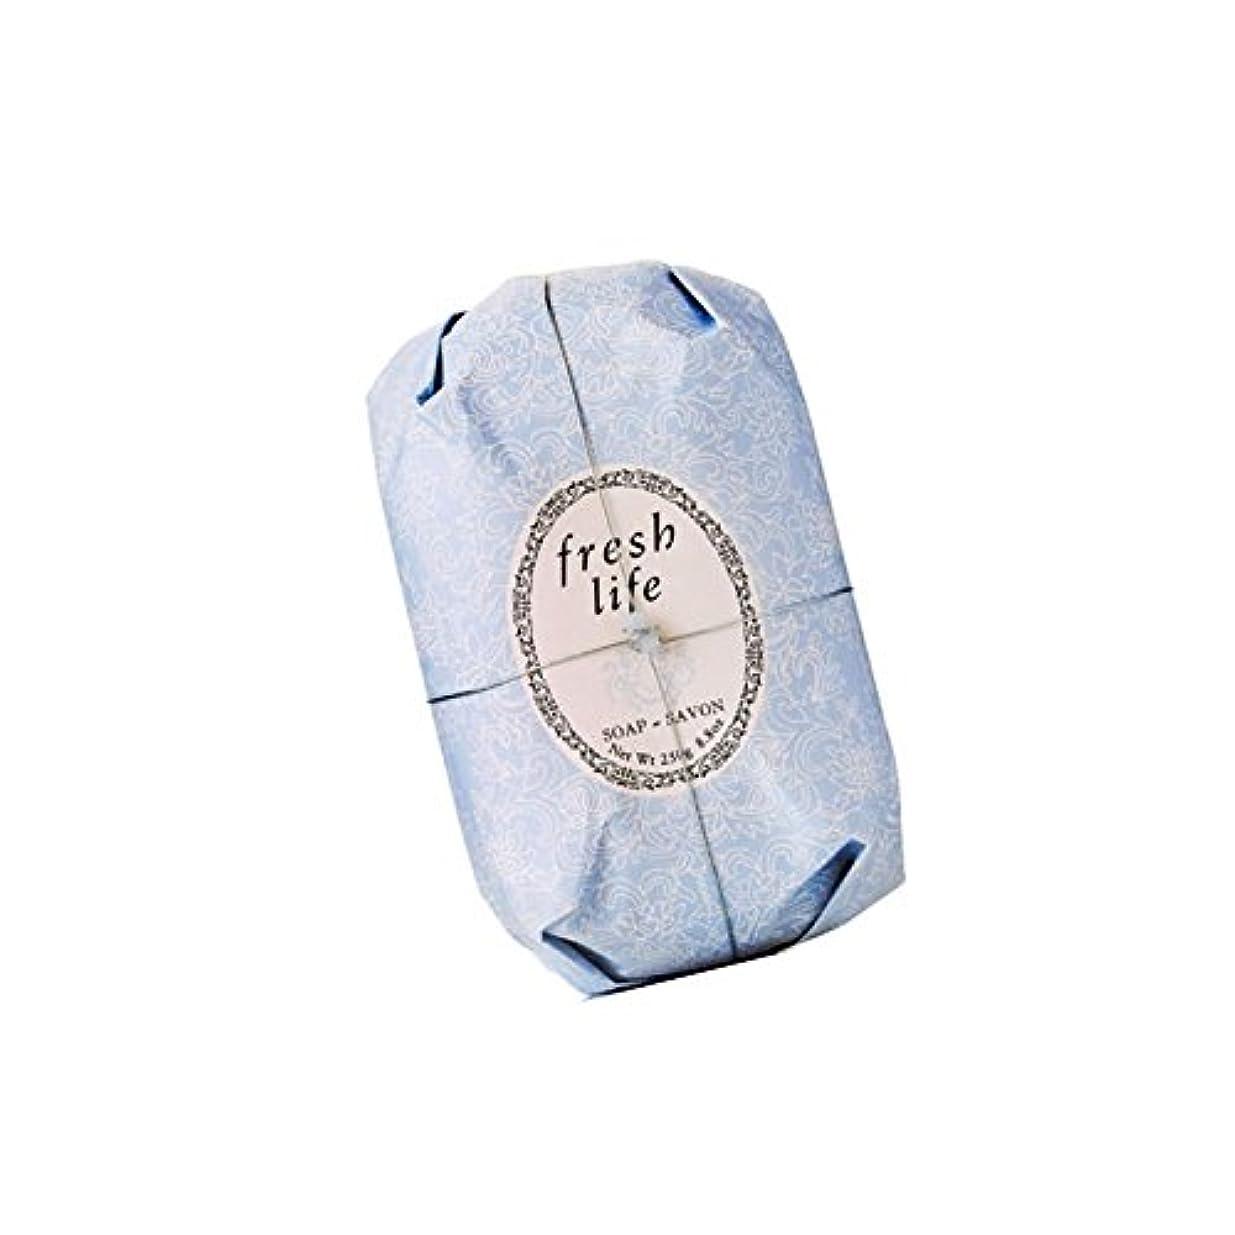 儀式記録とにかくFresh フレッシュ Life Soap 石鹸, 250g/8.8oz. [海外直送品] [並行輸入品]